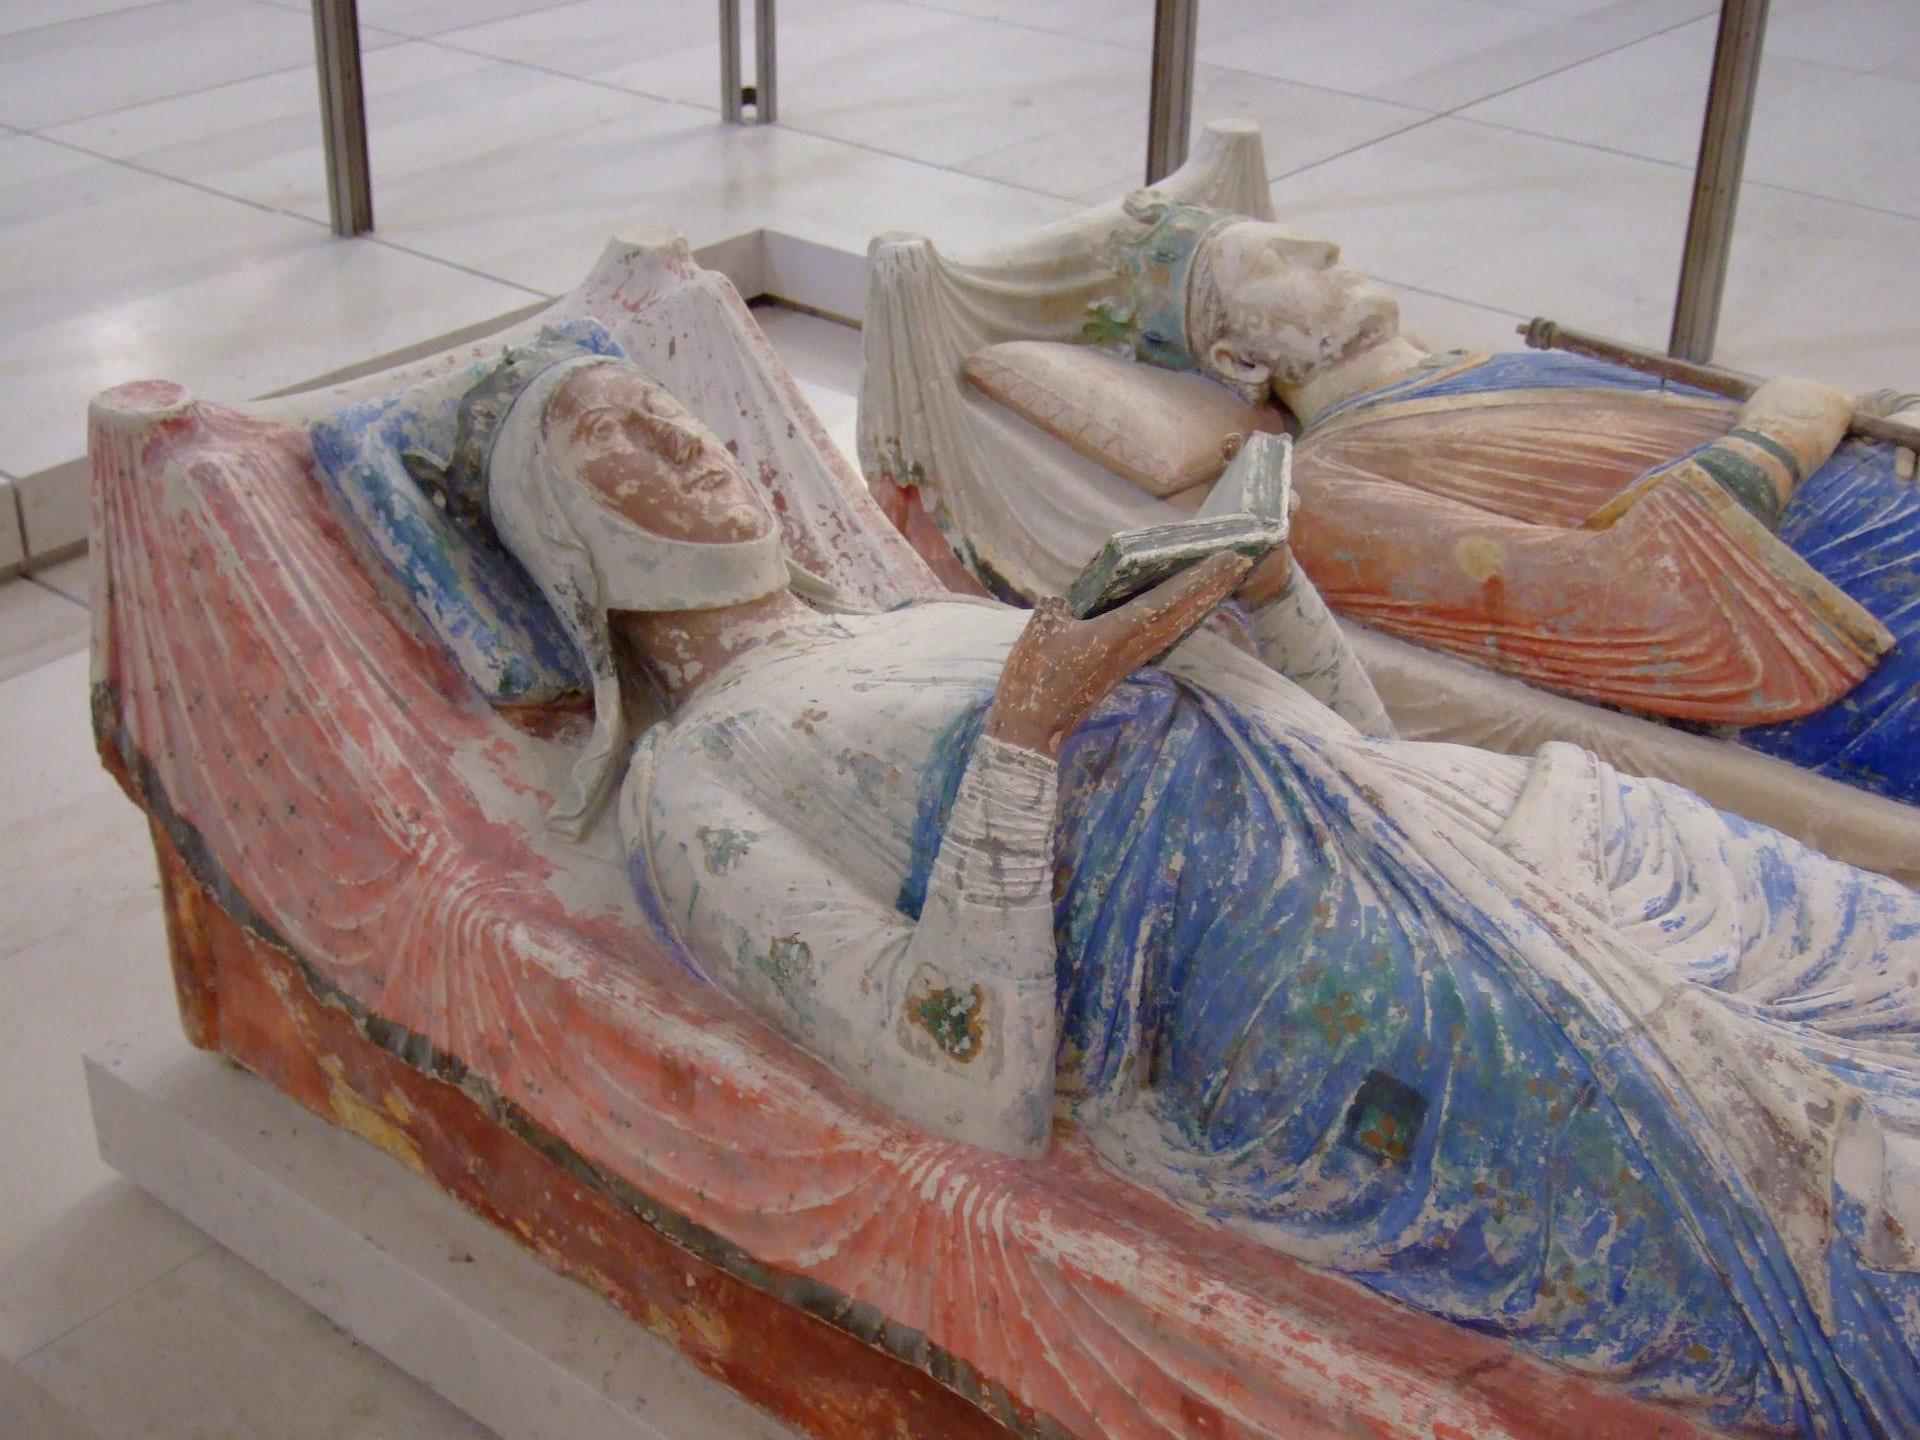 Las tumbas de Eleanor de Aquitania y Enrique II en la Abadía de Fontevraud. Wikimedia Commons